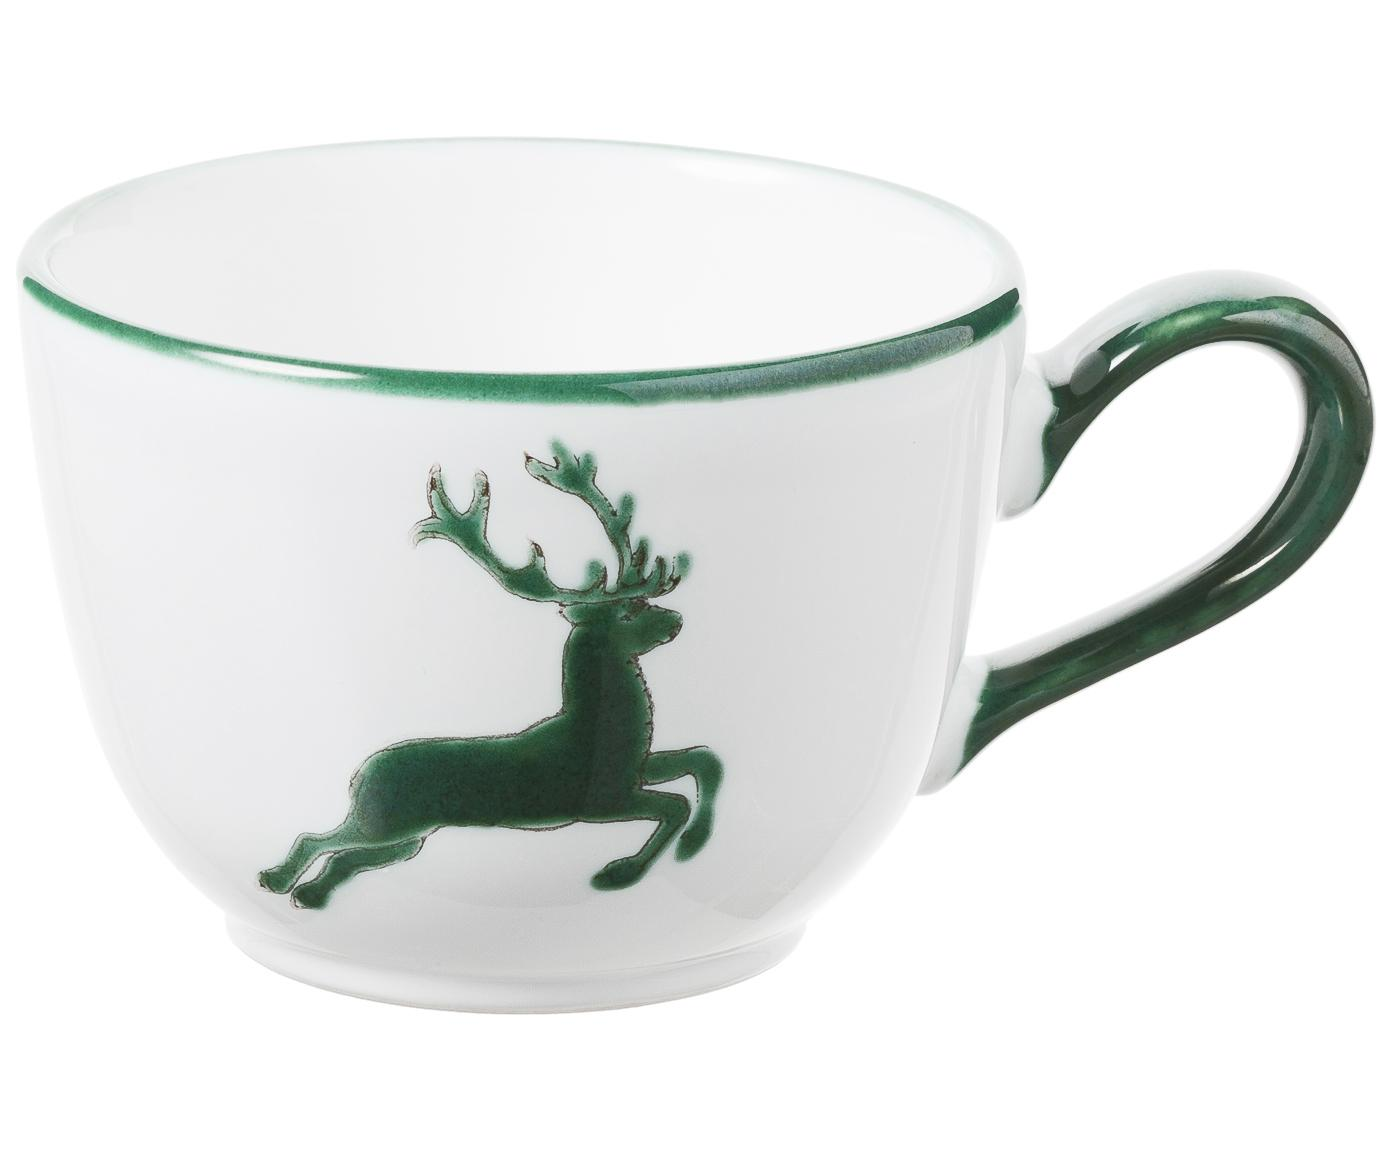 Ręcznie malowany filiżanka Classic Grüner Hirsch, Ceramika, Zielony, biały, 190 ml